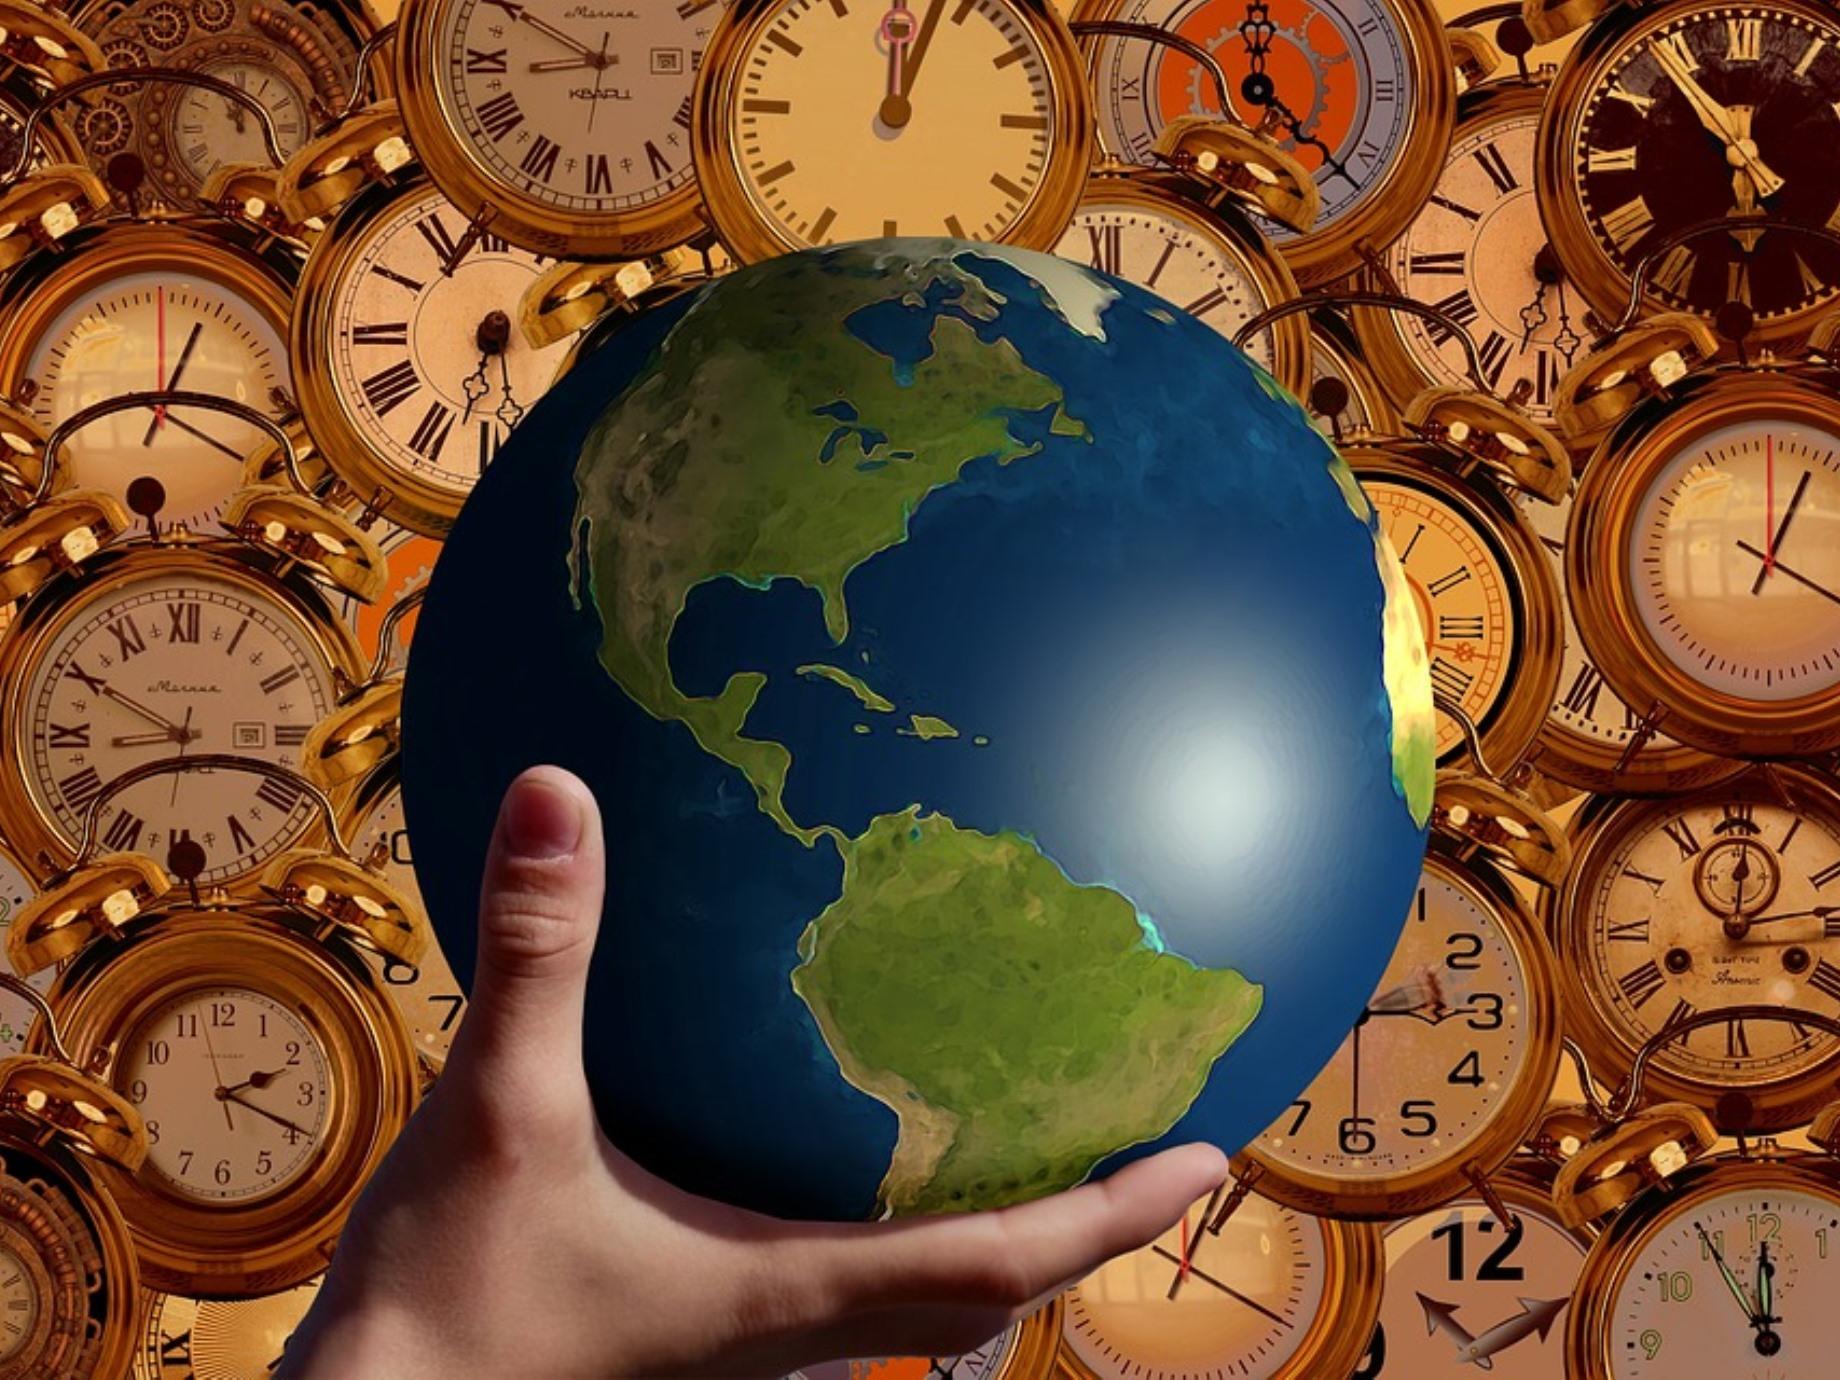 跨境電商新方向!3大點看懂阿里巴巴「全球買全球賣」策略